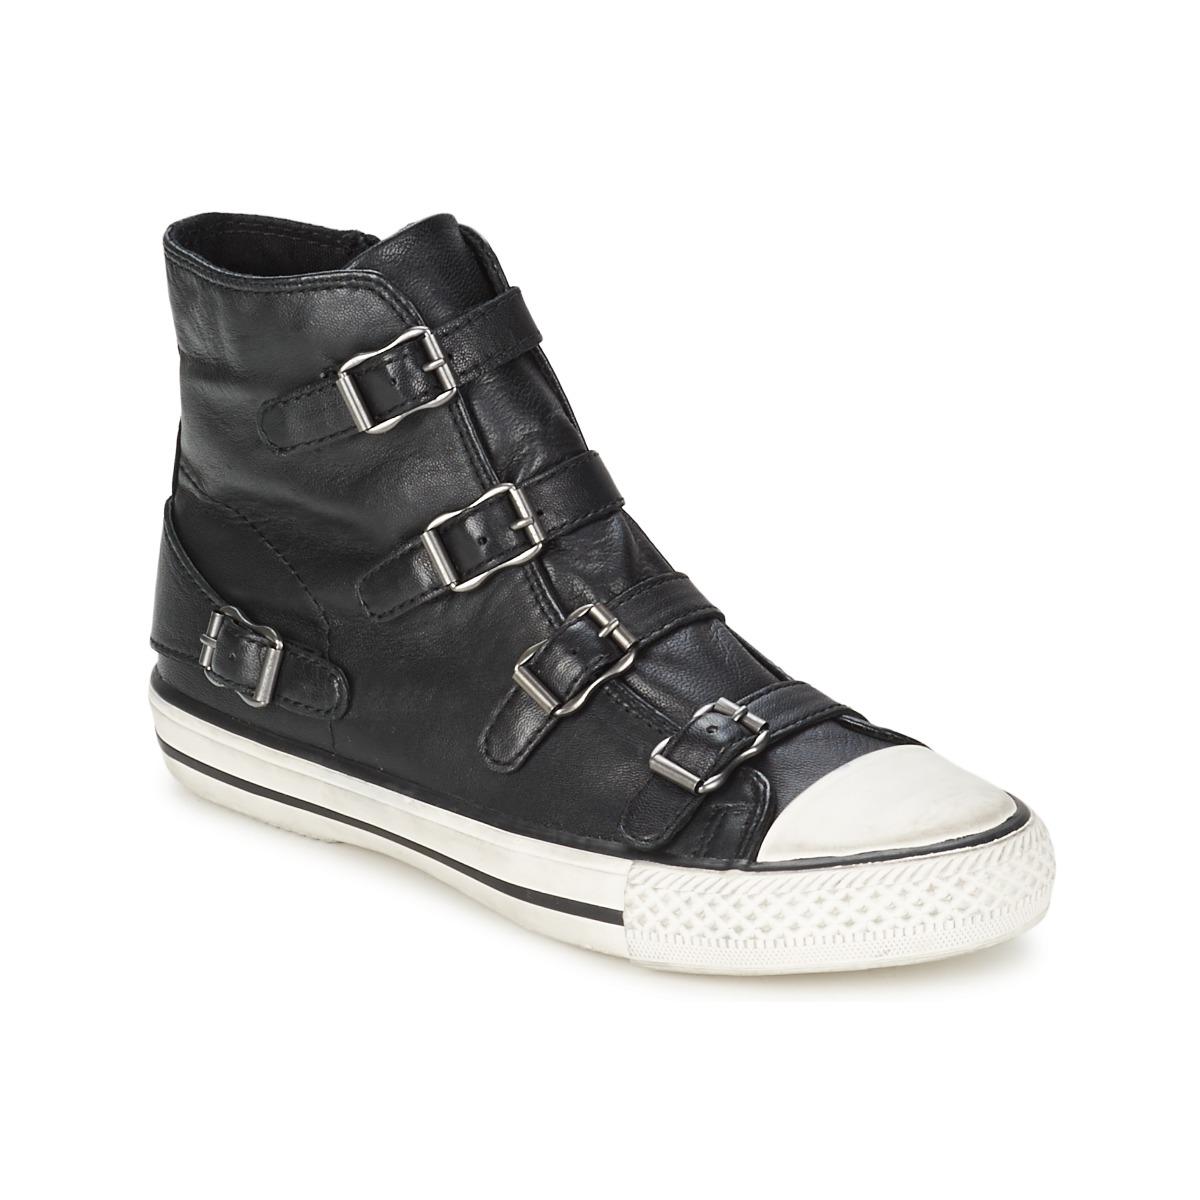 baskets montantes ash virgin noir livraison gratuite avec chaussures femme 139. Black Bedroom Furniture Sets. Home Design Ideas